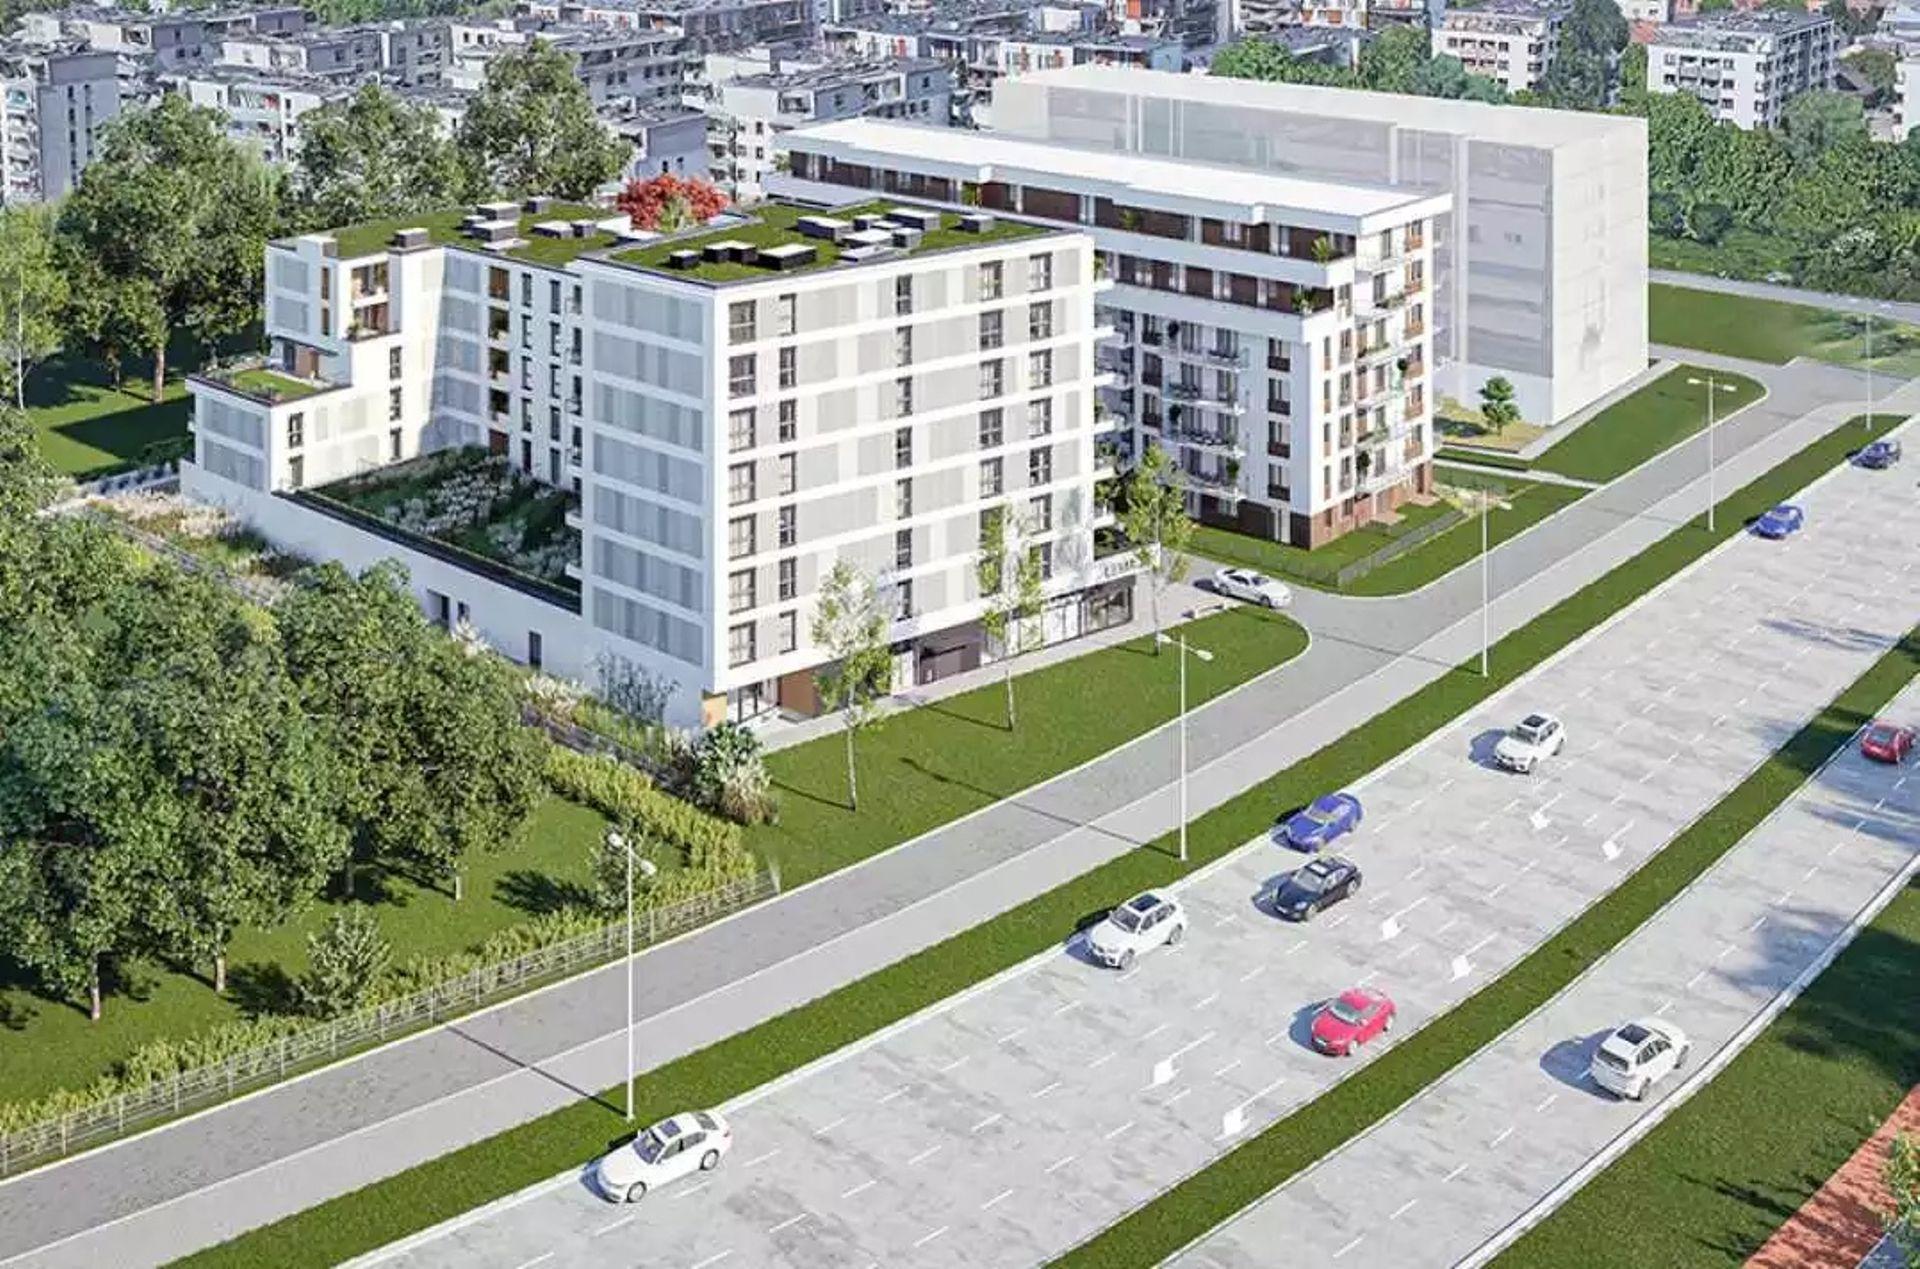 Ekologiczne osiedle Lema powstaje w centrum Krakowa